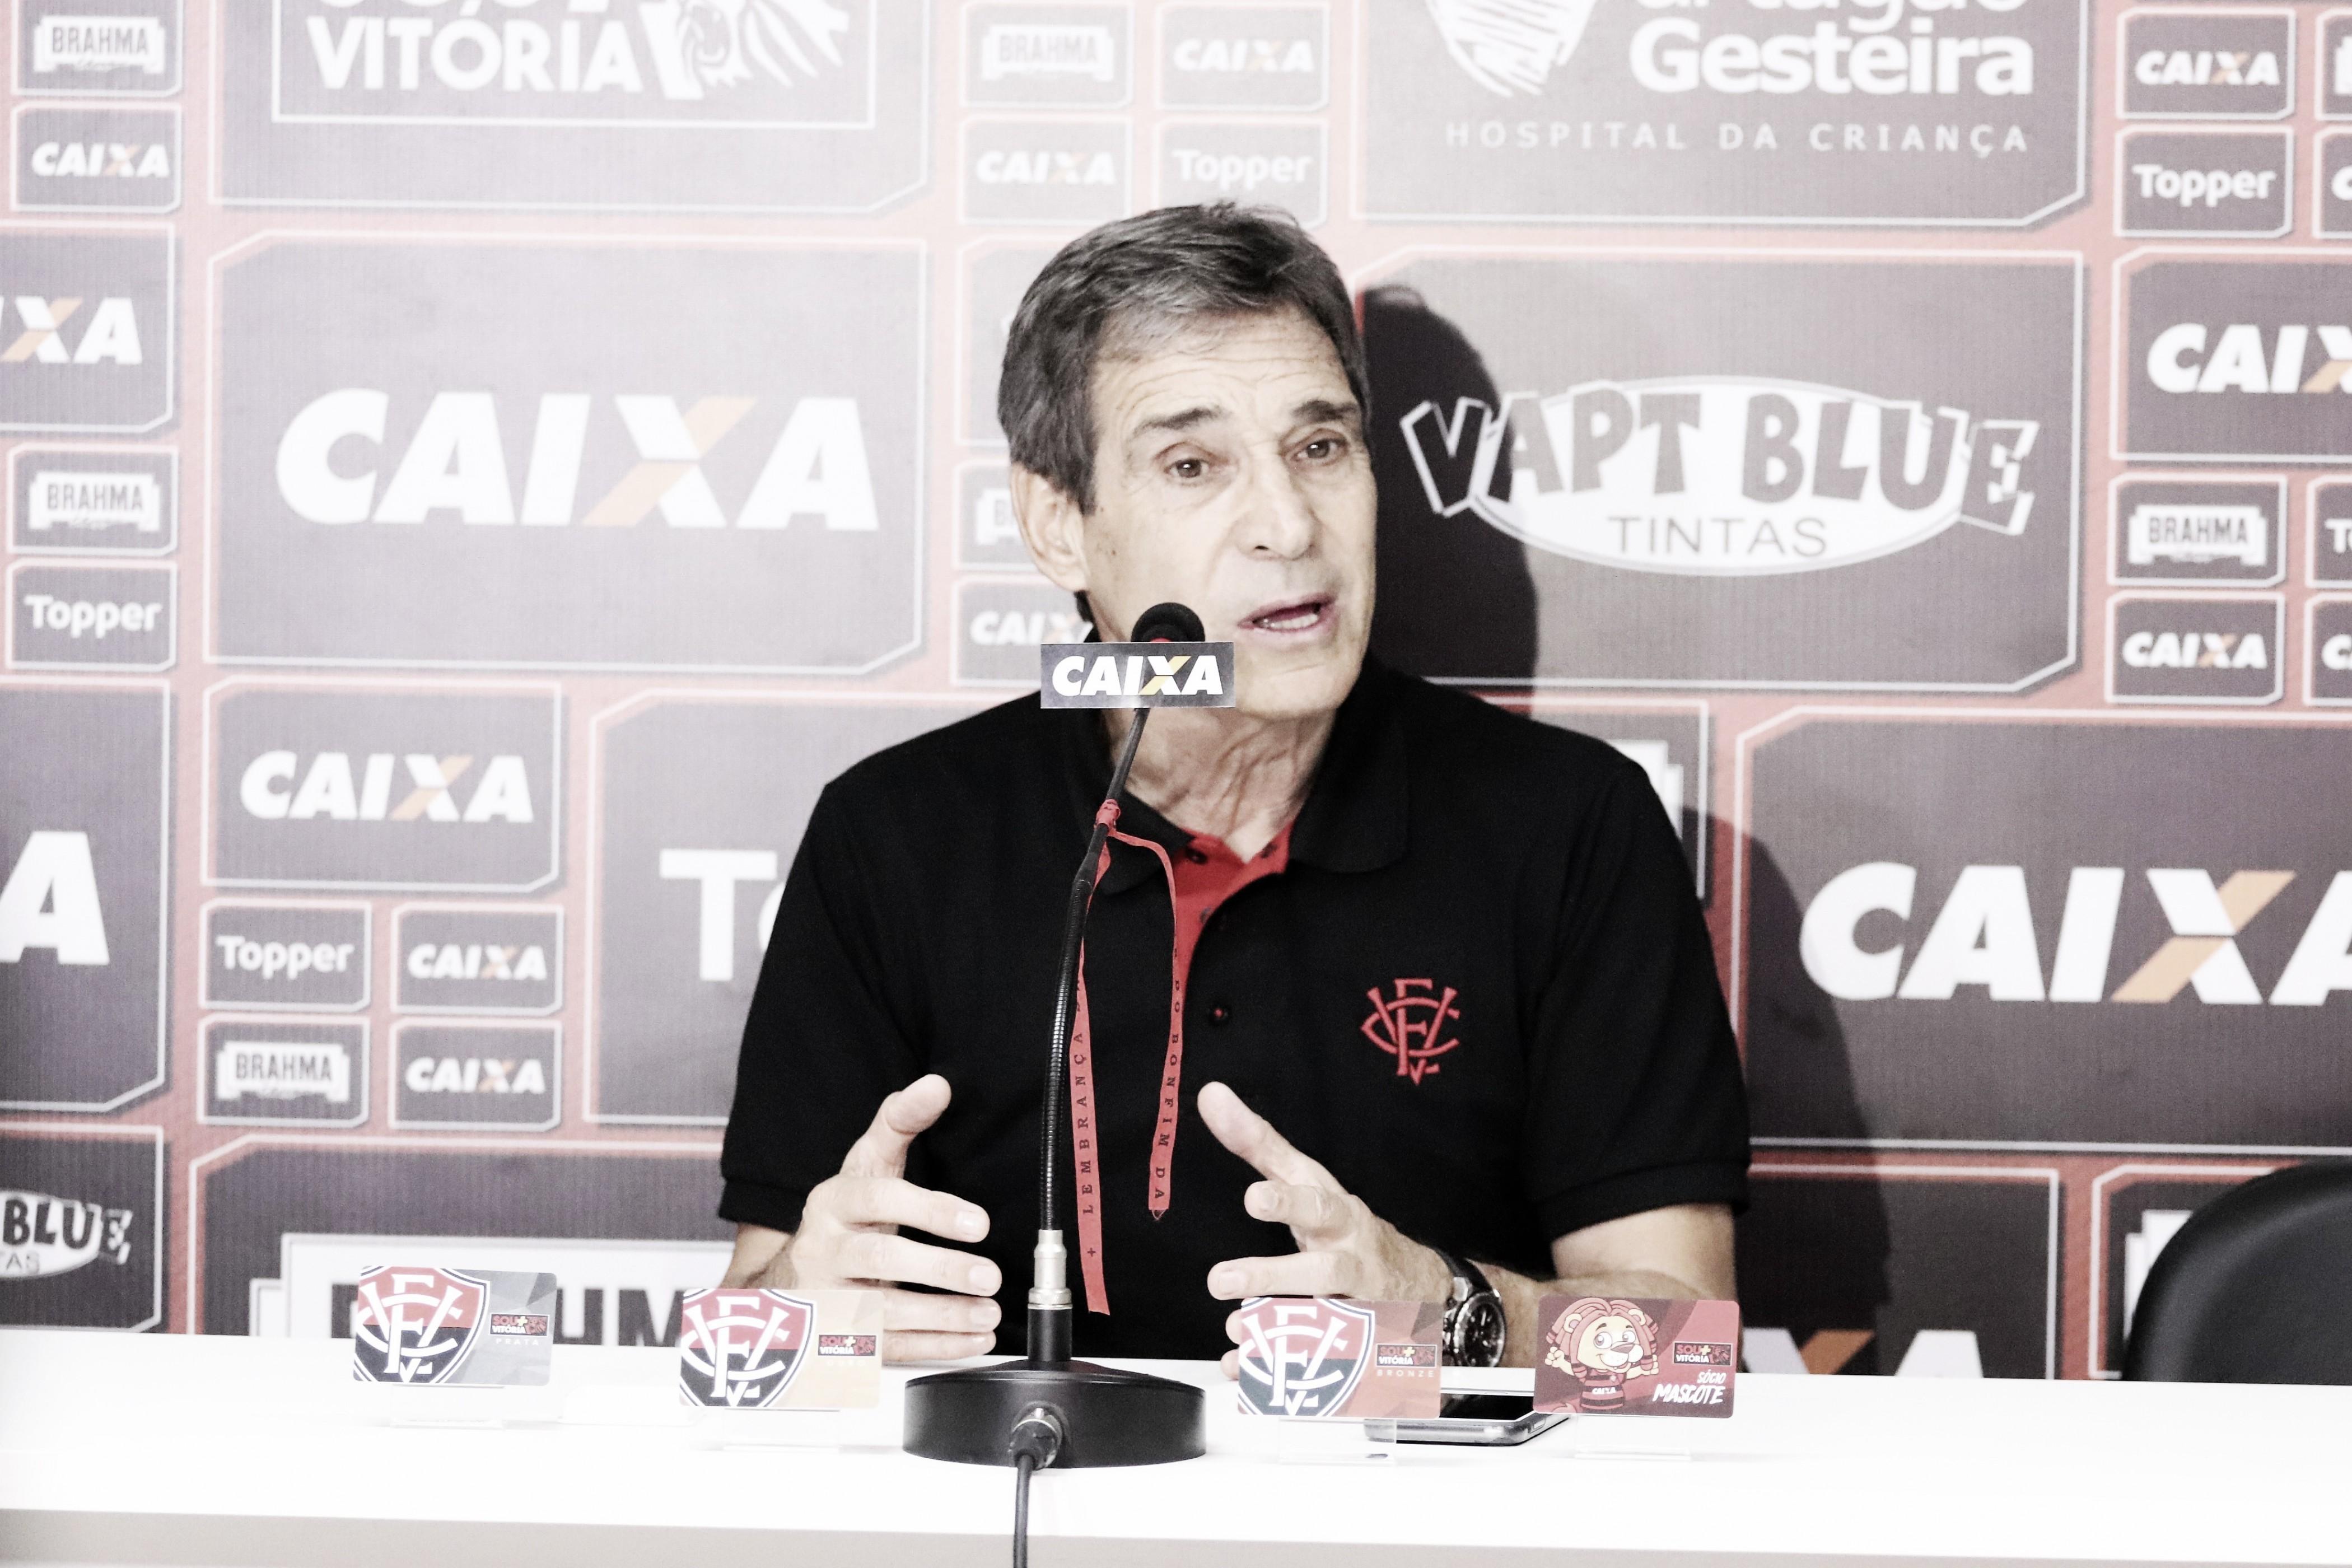 Carpegiani elogia equipe do Vitória, mas critica postura na reta final contra o Vasco